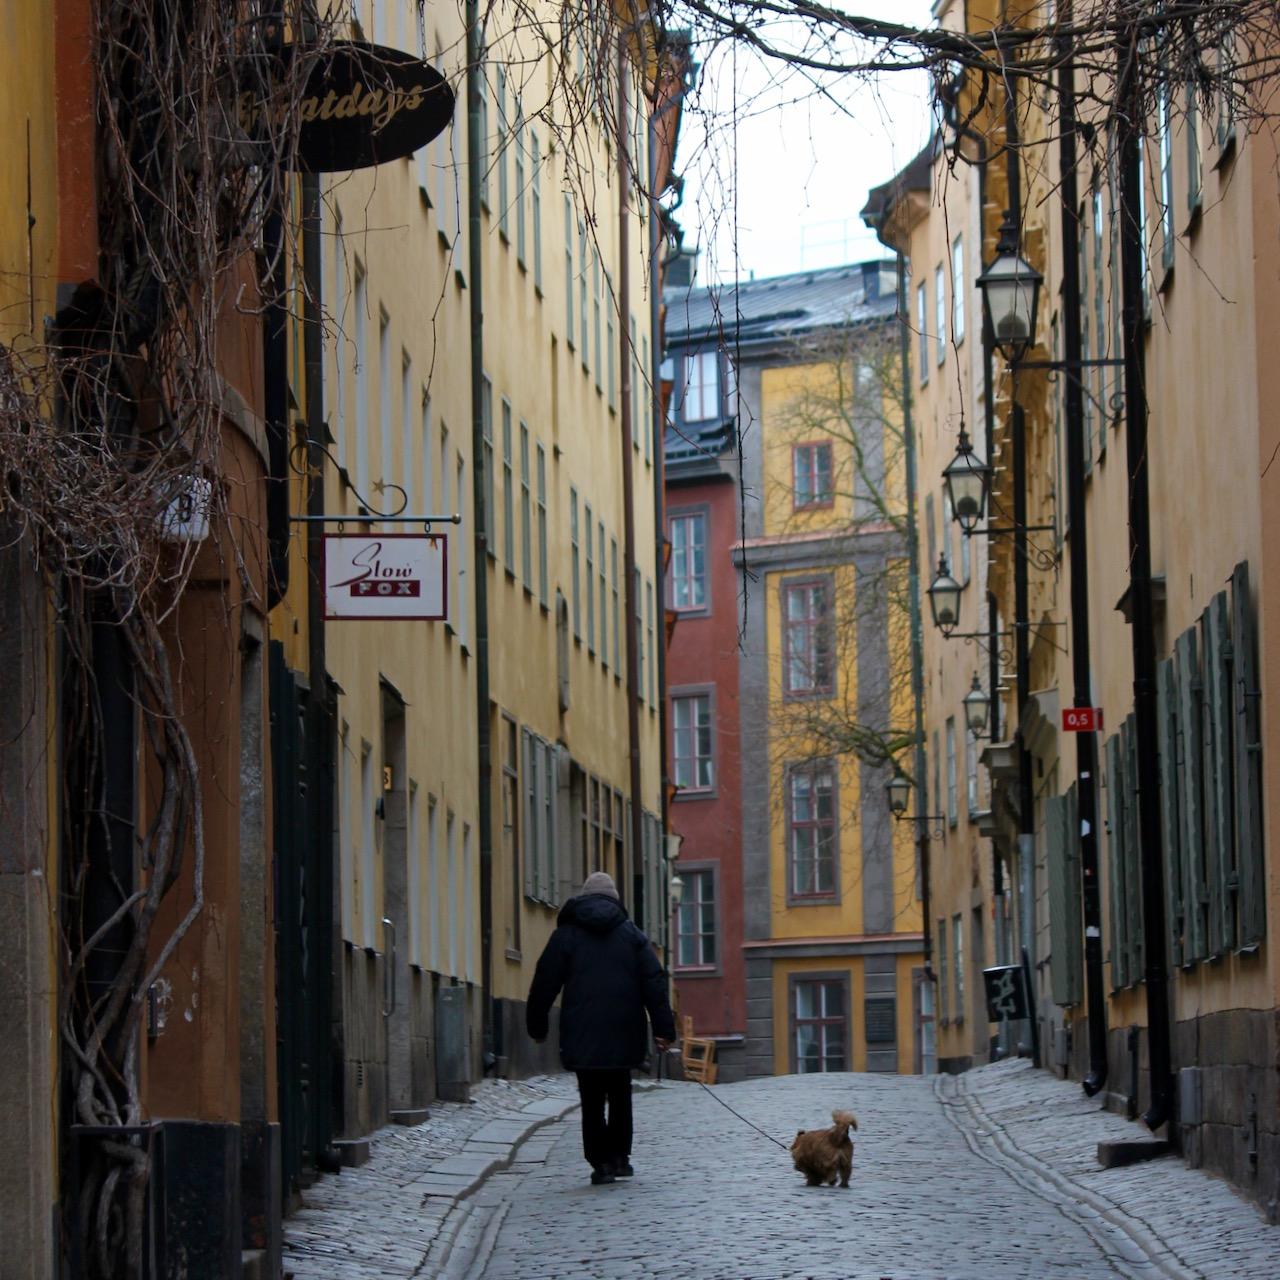 Stockholm, Sweden - 10